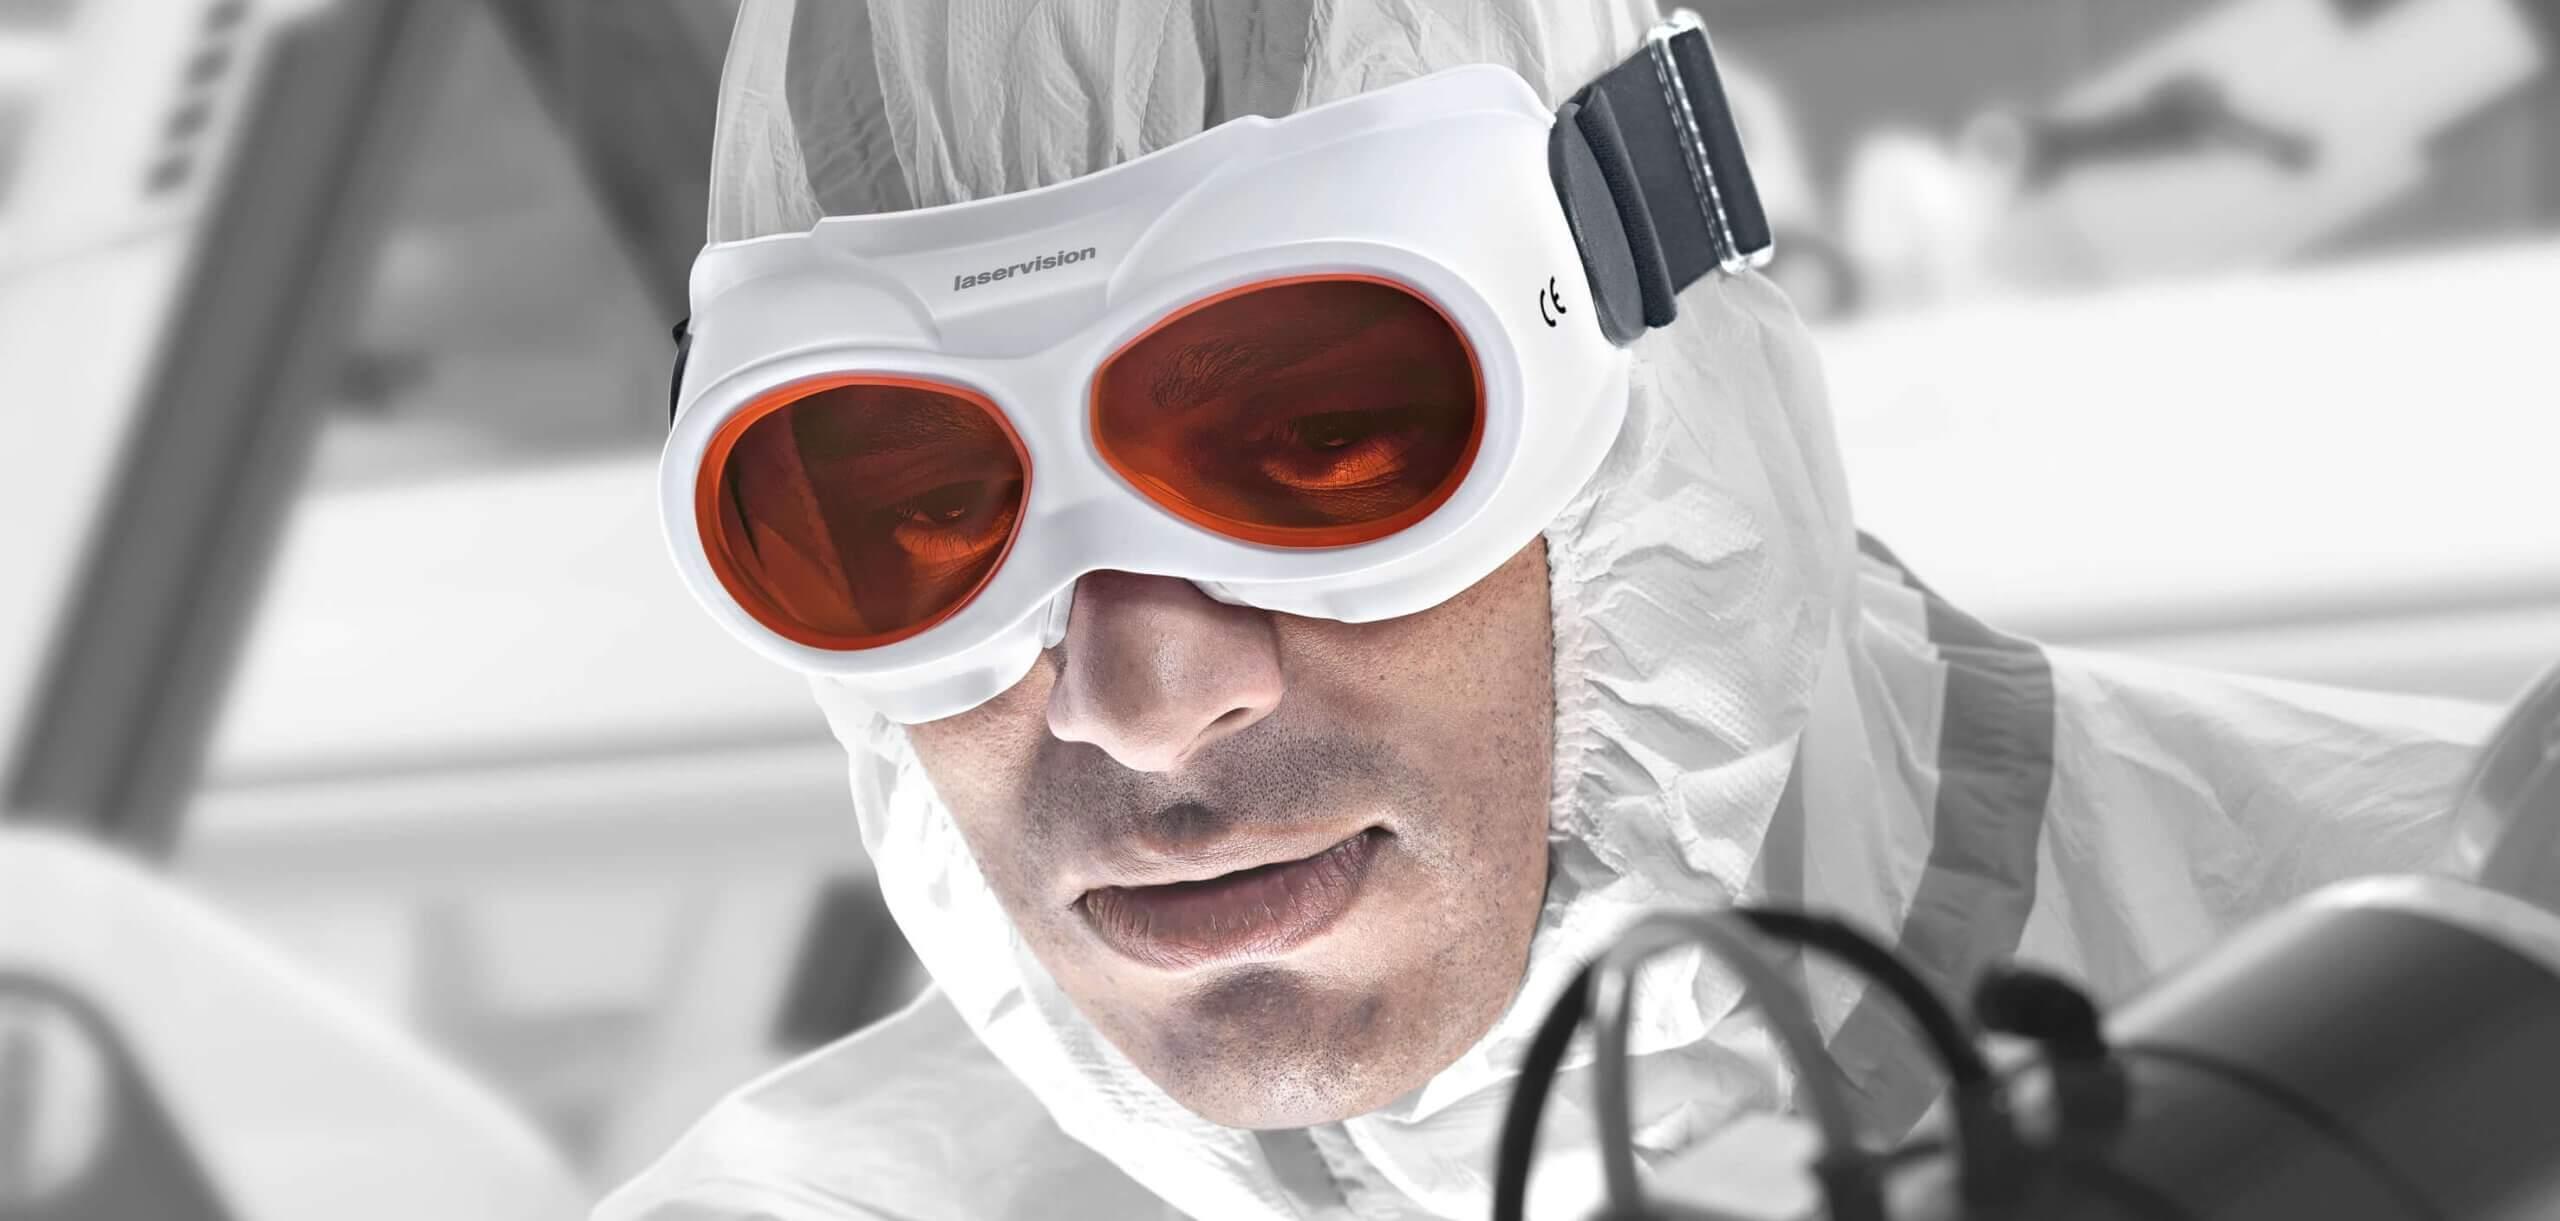 LASERVISION Laser safety